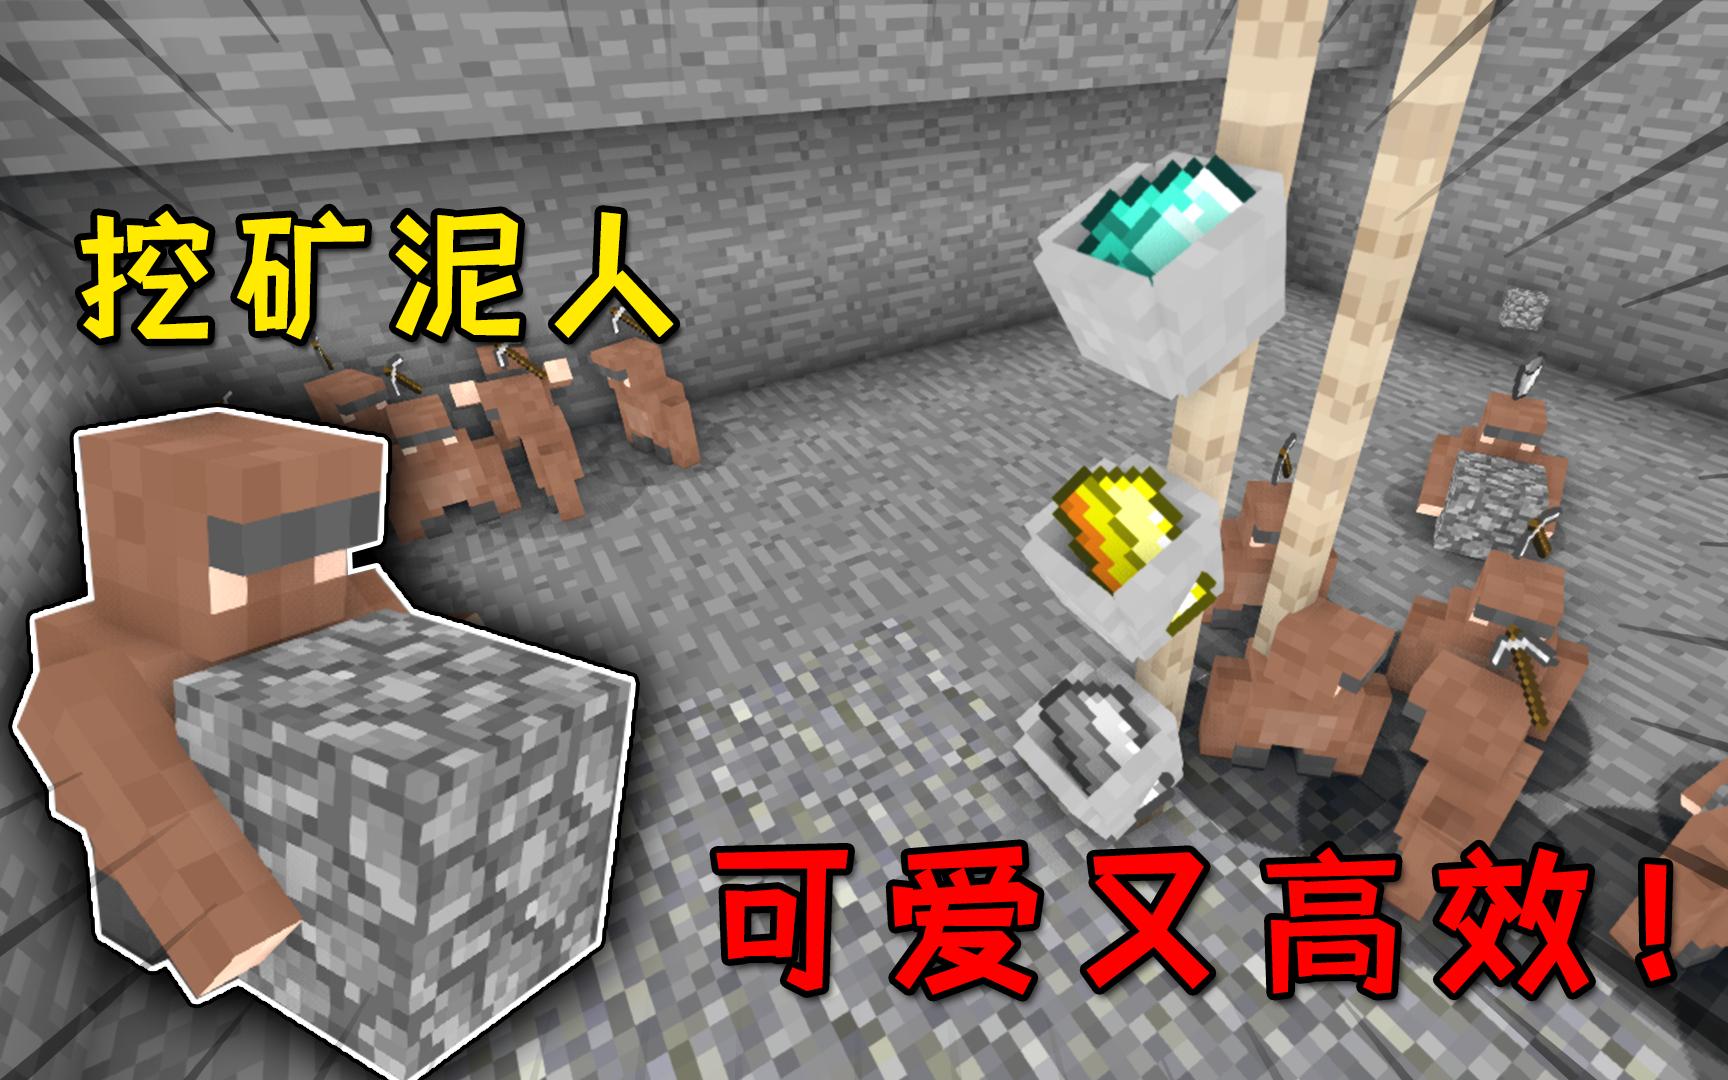 我的世界:用粘土捏成可爱小人,还可以帮玩家挖矿?效率超高!